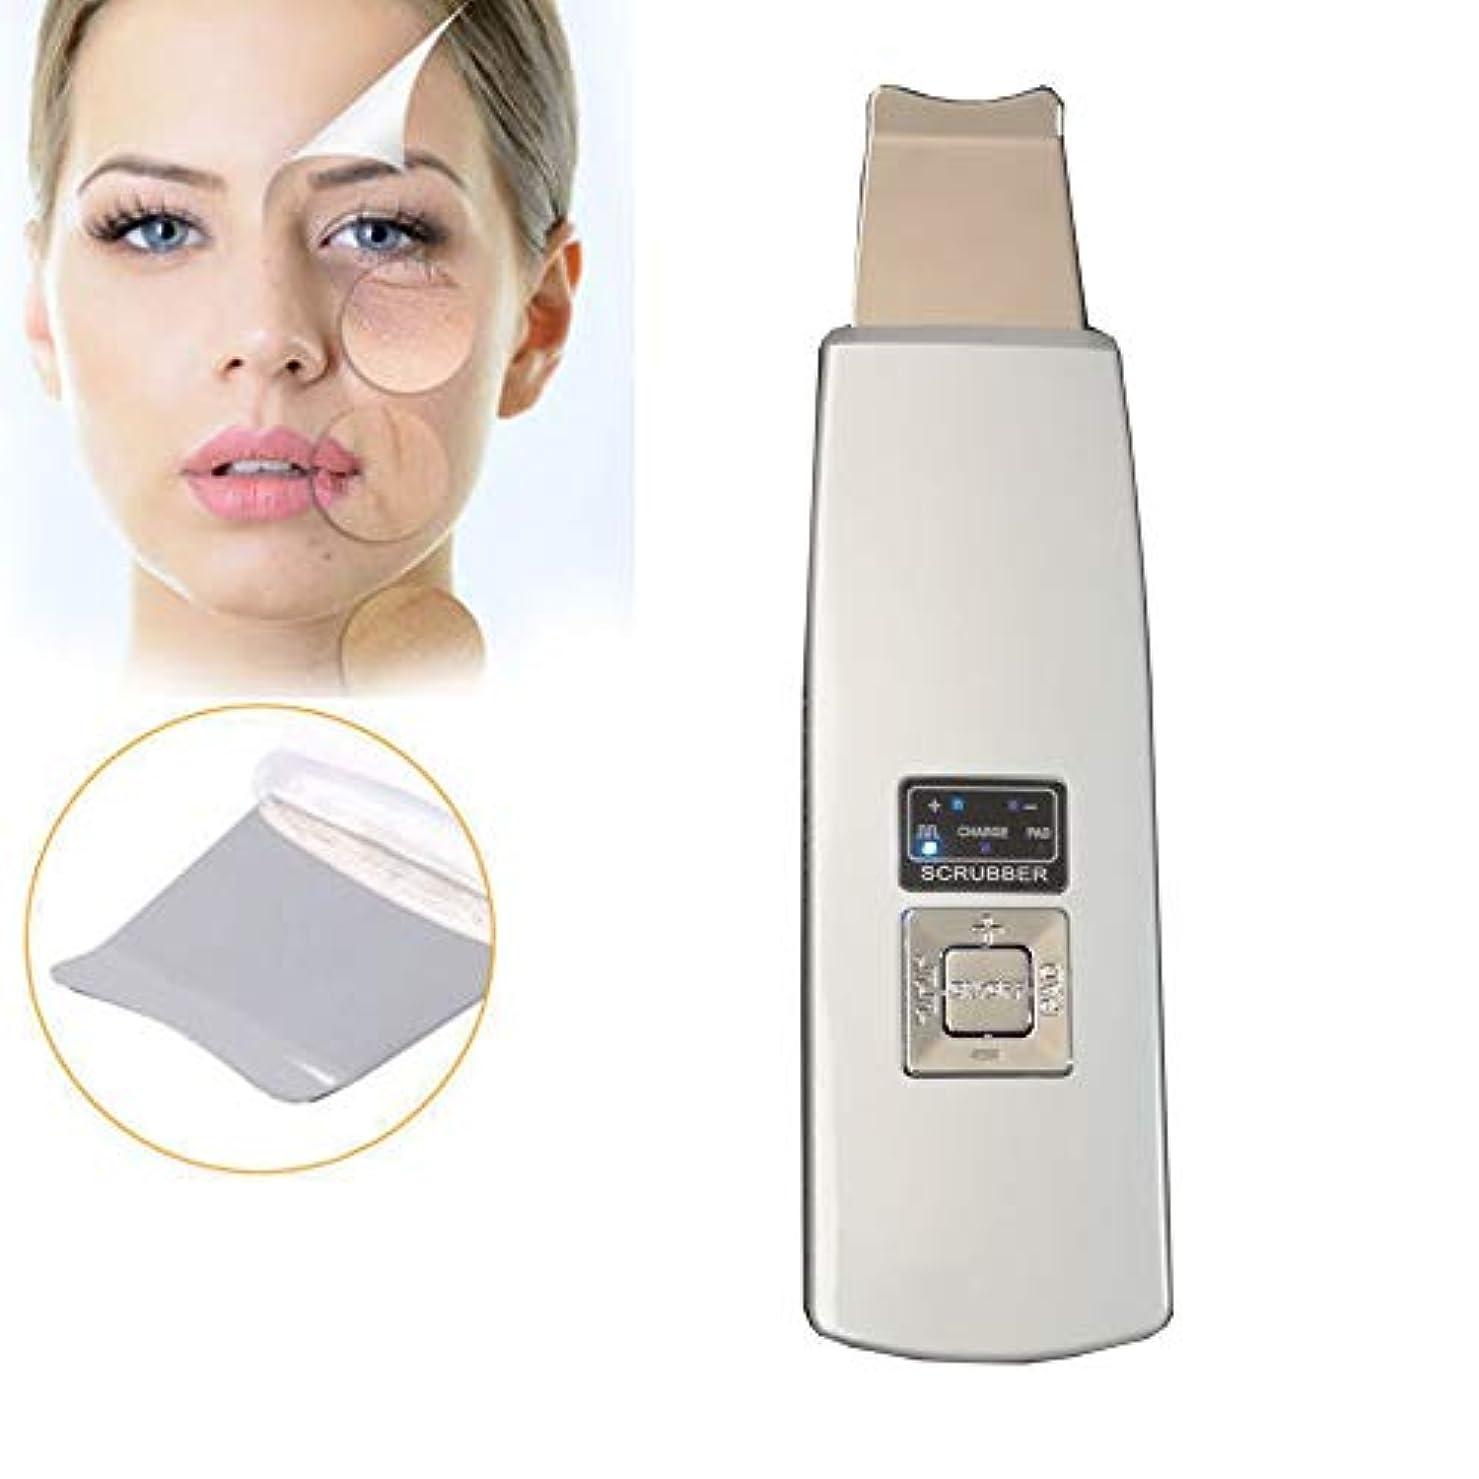 免除味帝国主義顔の皮膚のスクラバー、ポータブル?フェイシャル超音波超音波イオンスキンケアスクラバーデバイス美容機は、ブラックヘッド面皰死んだ皮膚の除去を削除する方法